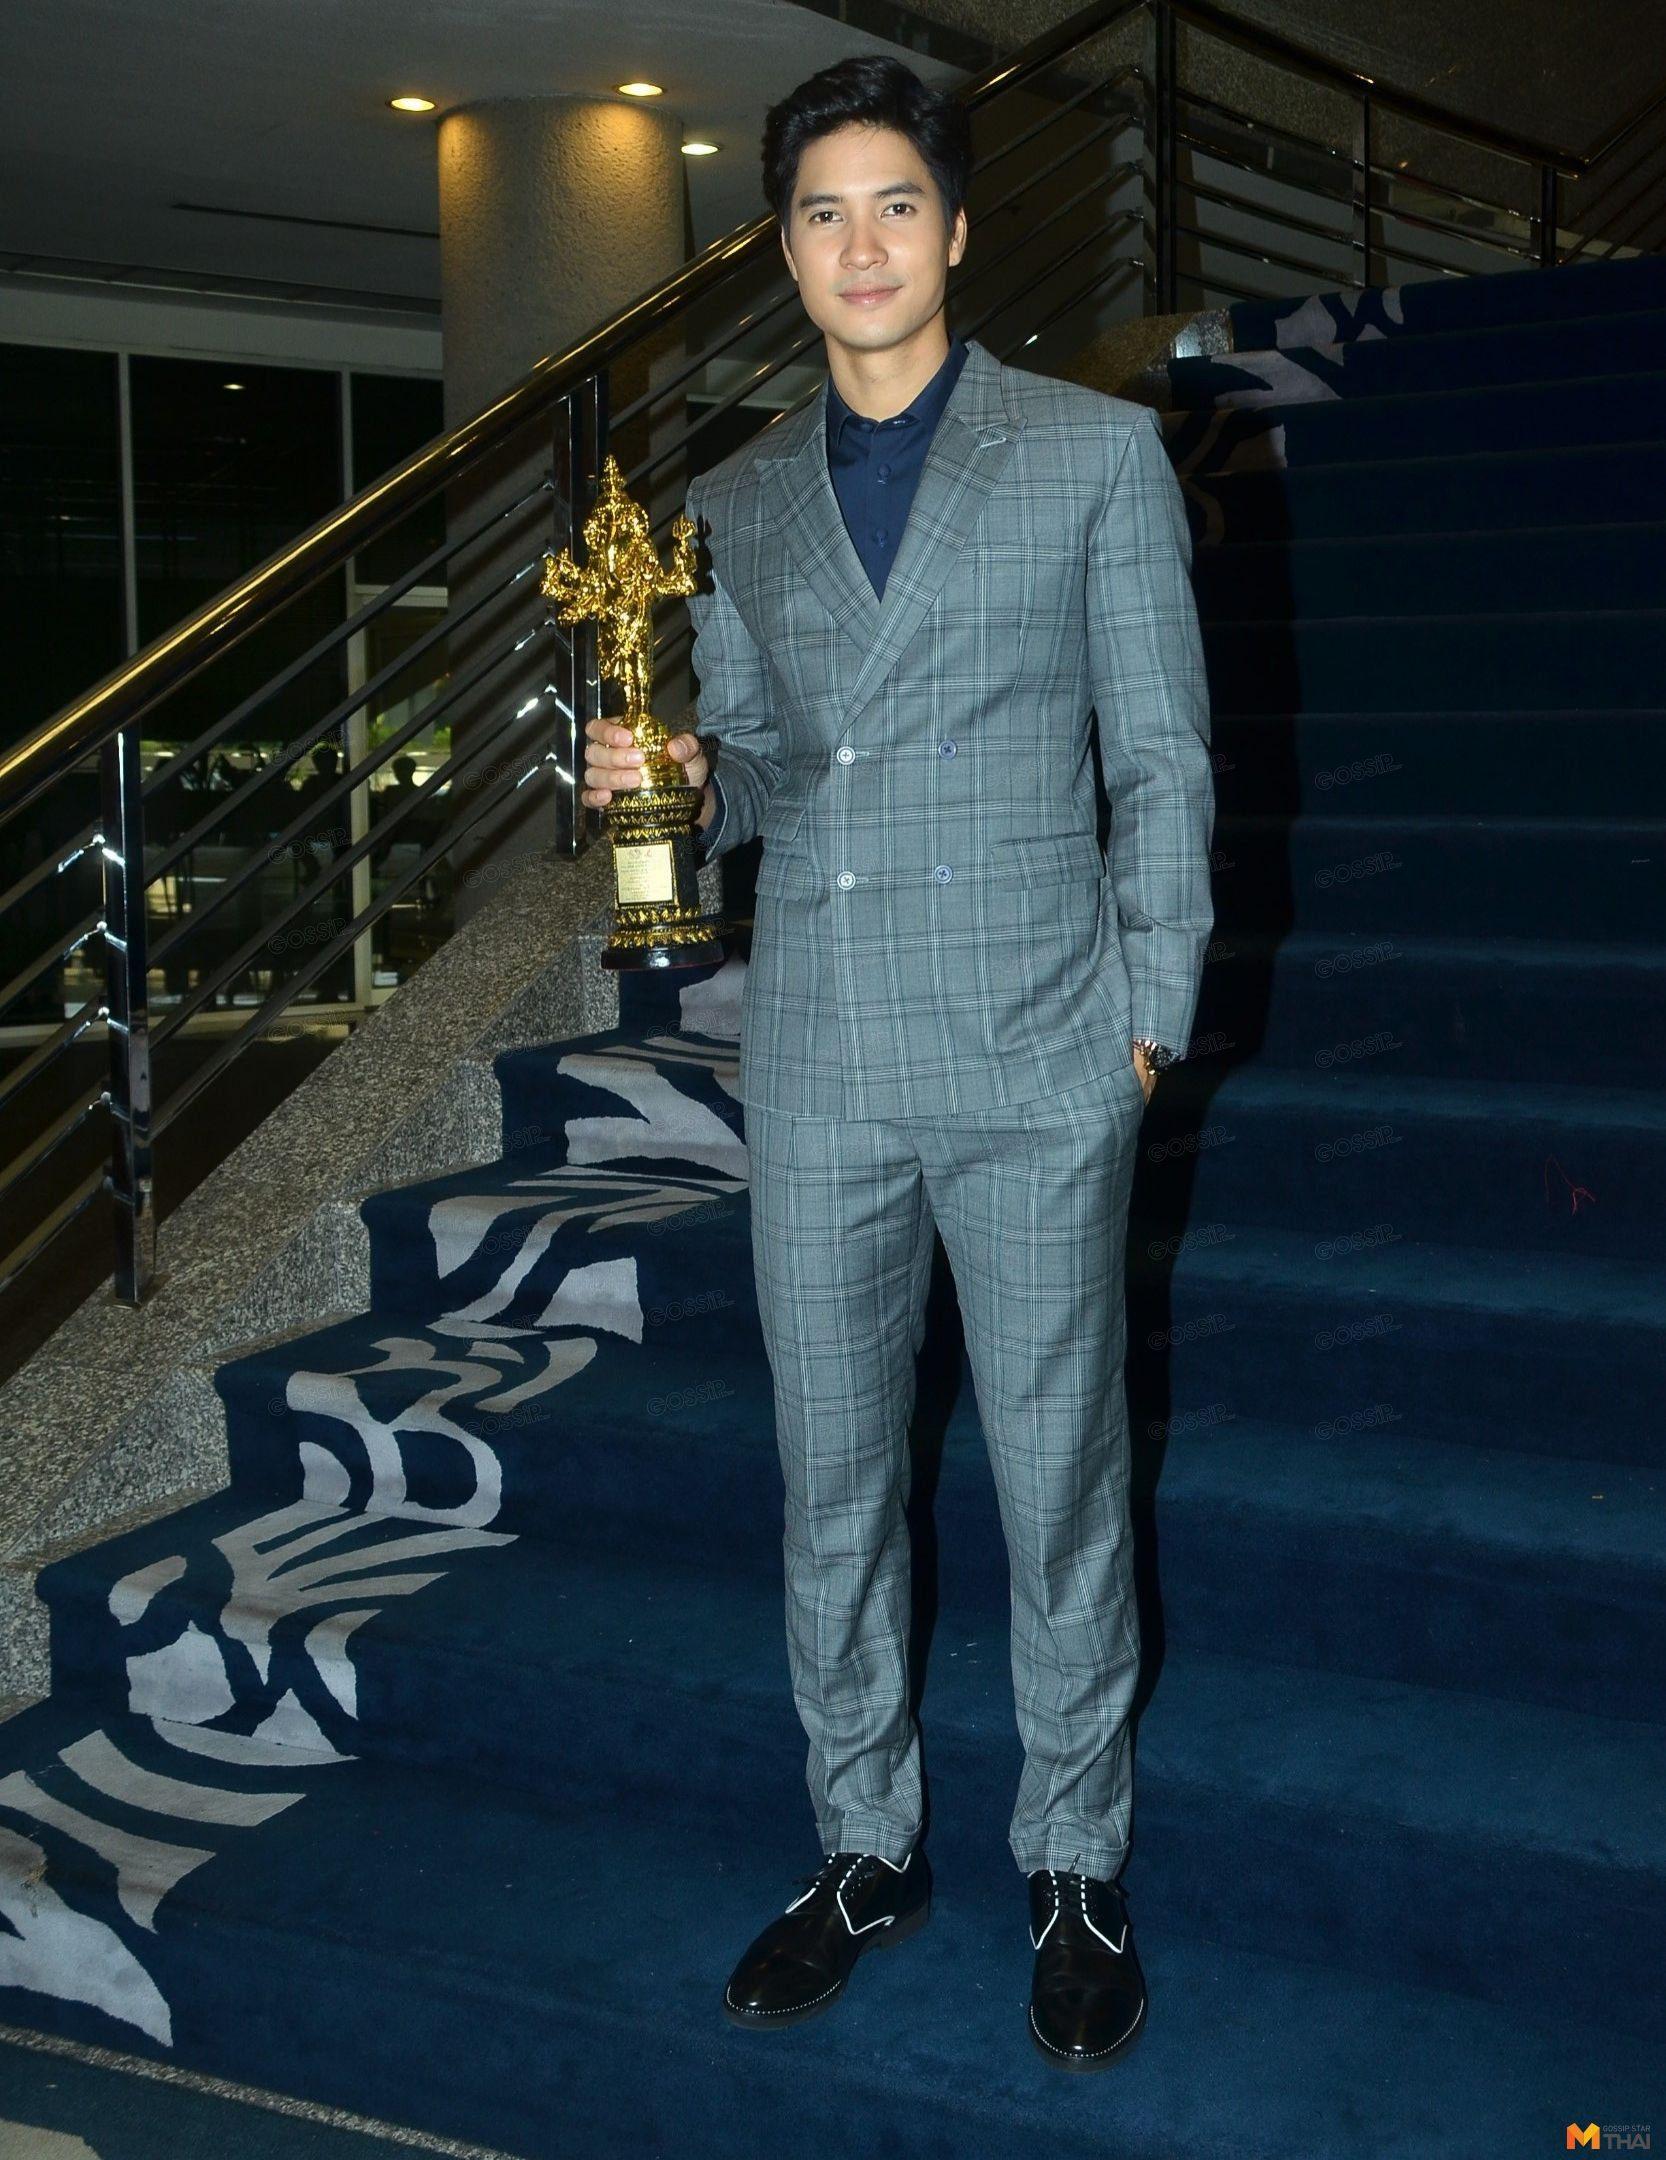 ไมค์ ภัทรเดช รางวัลนักแสดงนำชายยอดเยี่ยม